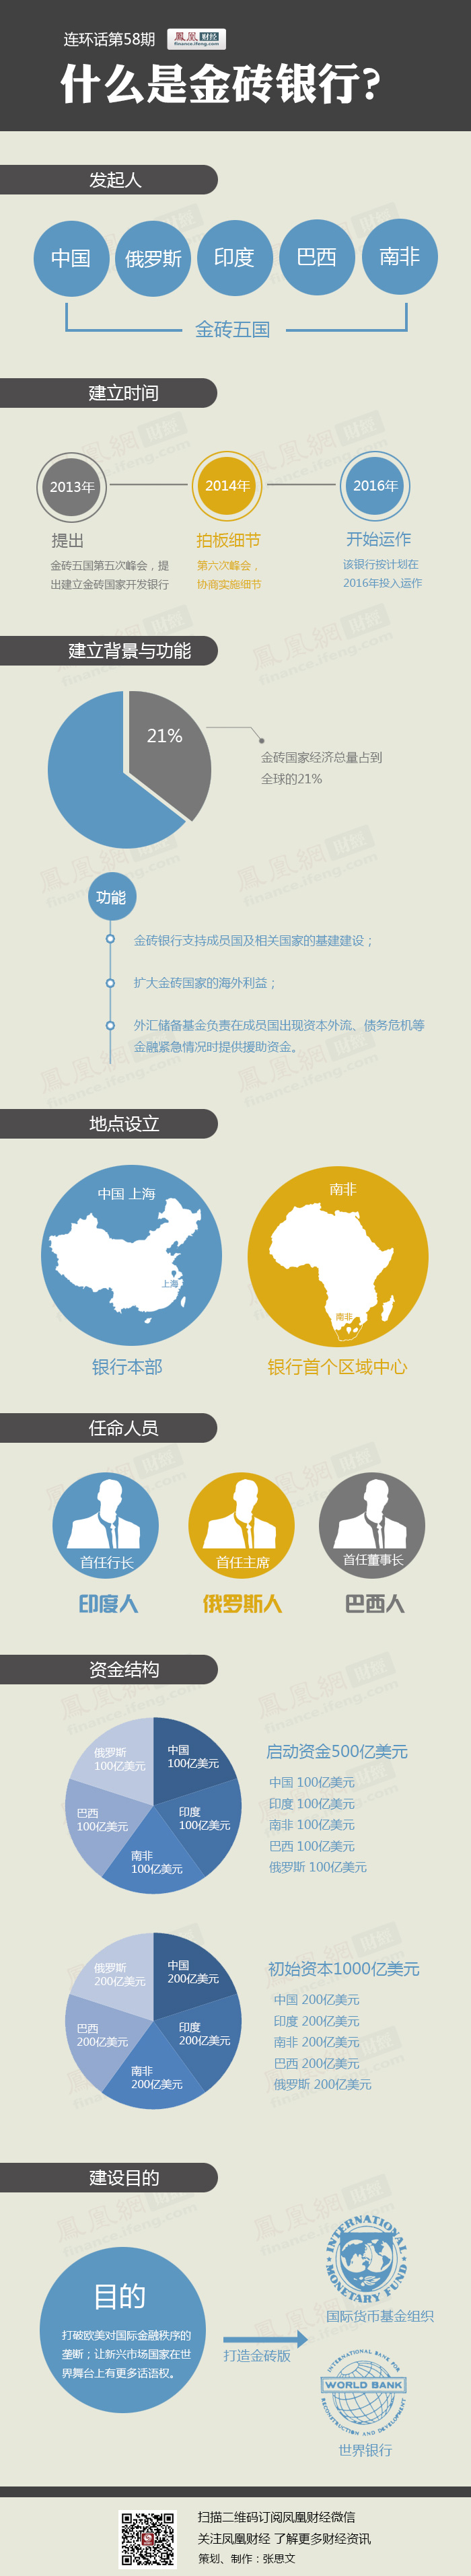 金砖银行总部设在上海 首任行长并非中国人 - zhaozhao - zhaozhao的博客